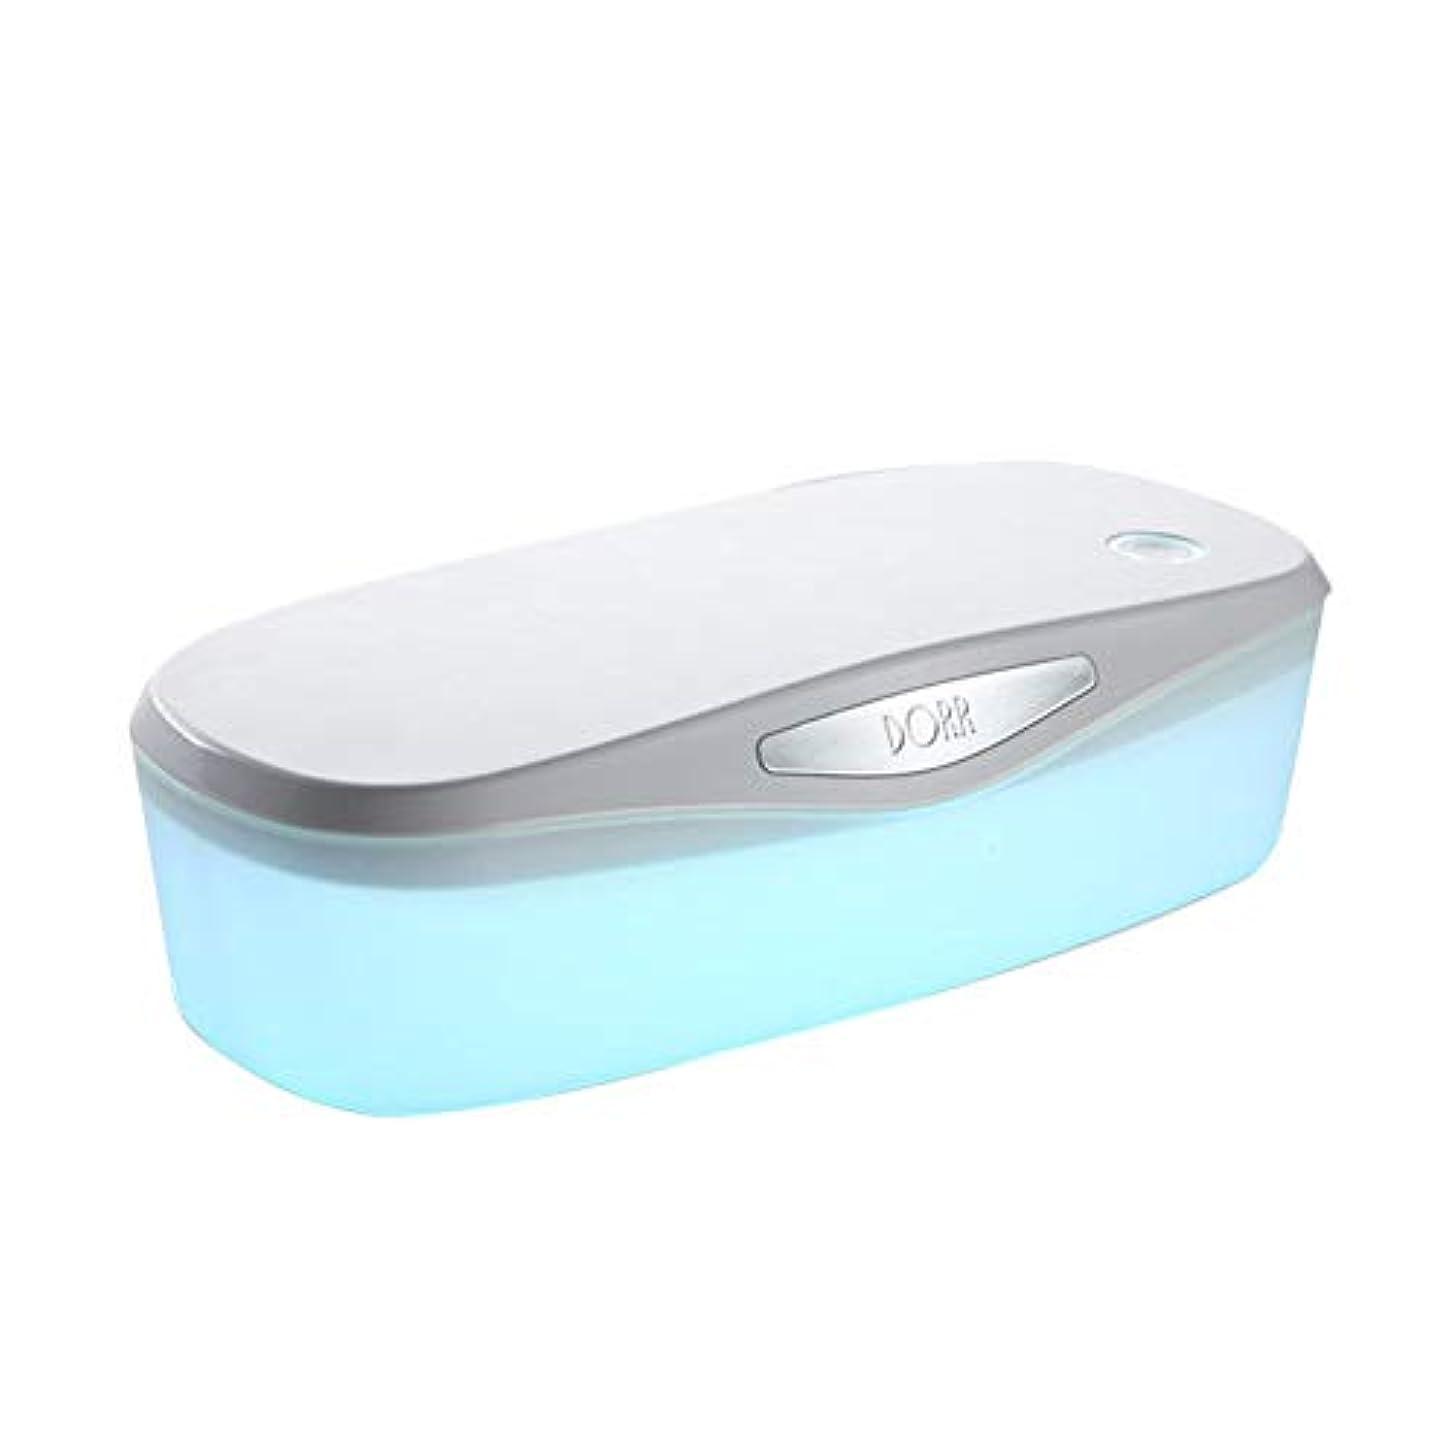 アソシエイトスクラップコミュニケーション紫外線殺菌箱、携帯用USBの抗菌性のオゾン殺菌の殺菌ランプが付いている紫外線殺菌装置、おしゃぶりのための美用具の滅菌装置成人用製品大広間用具食器類化粧筆歯ブラシ